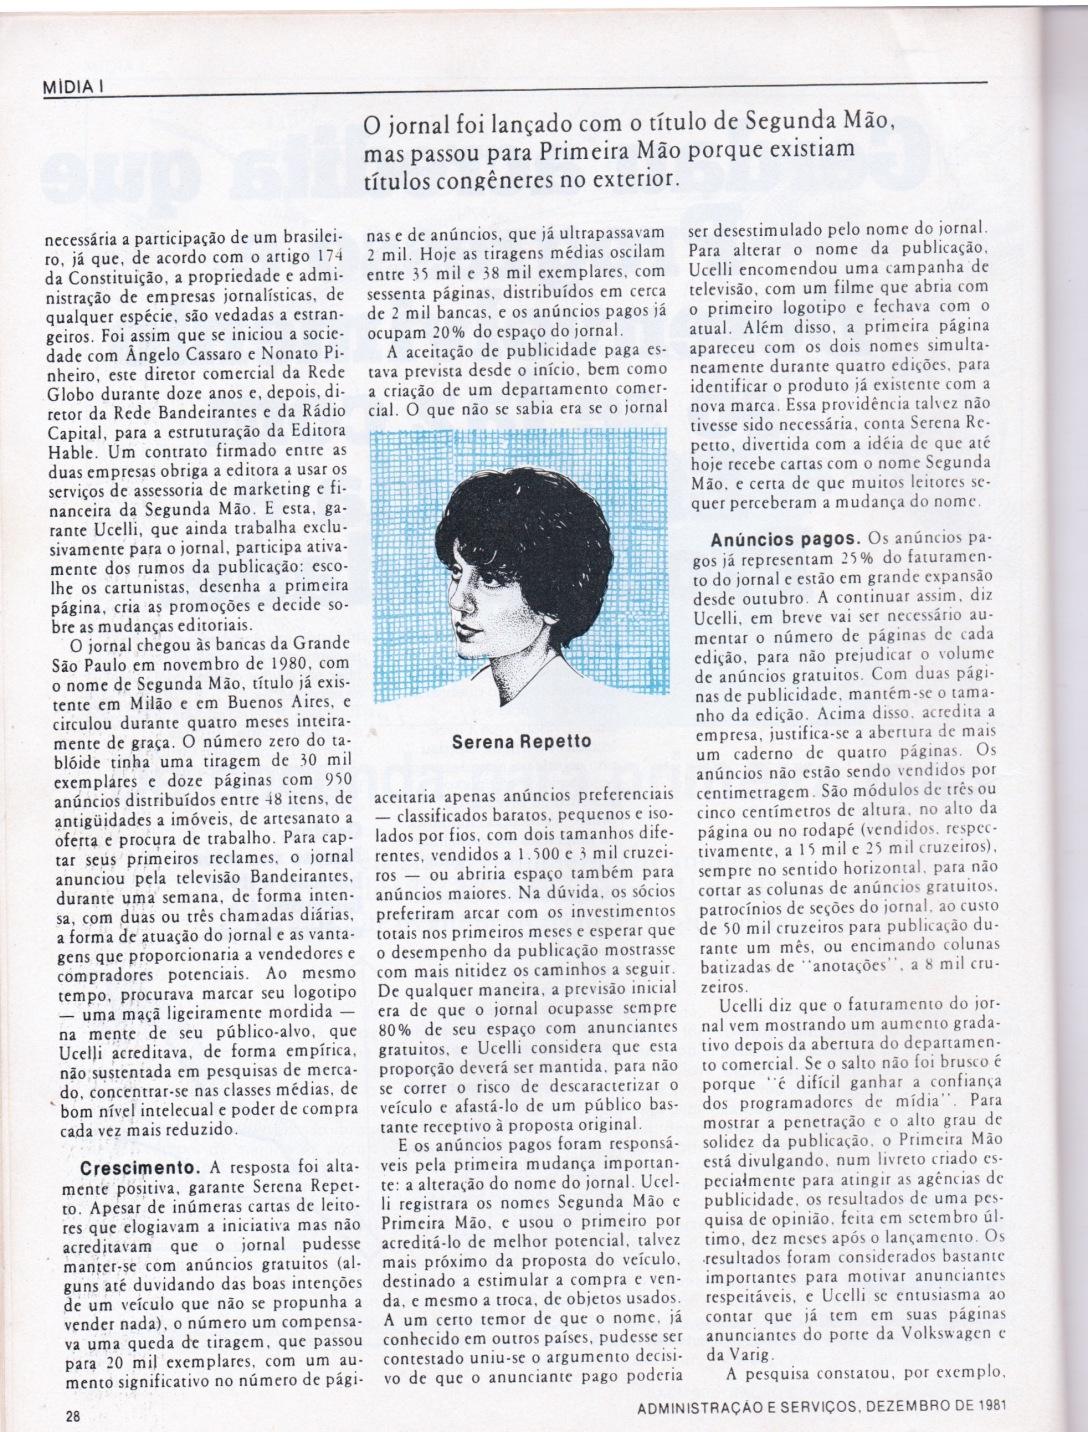 1981:12 Materia Revista Administração 2